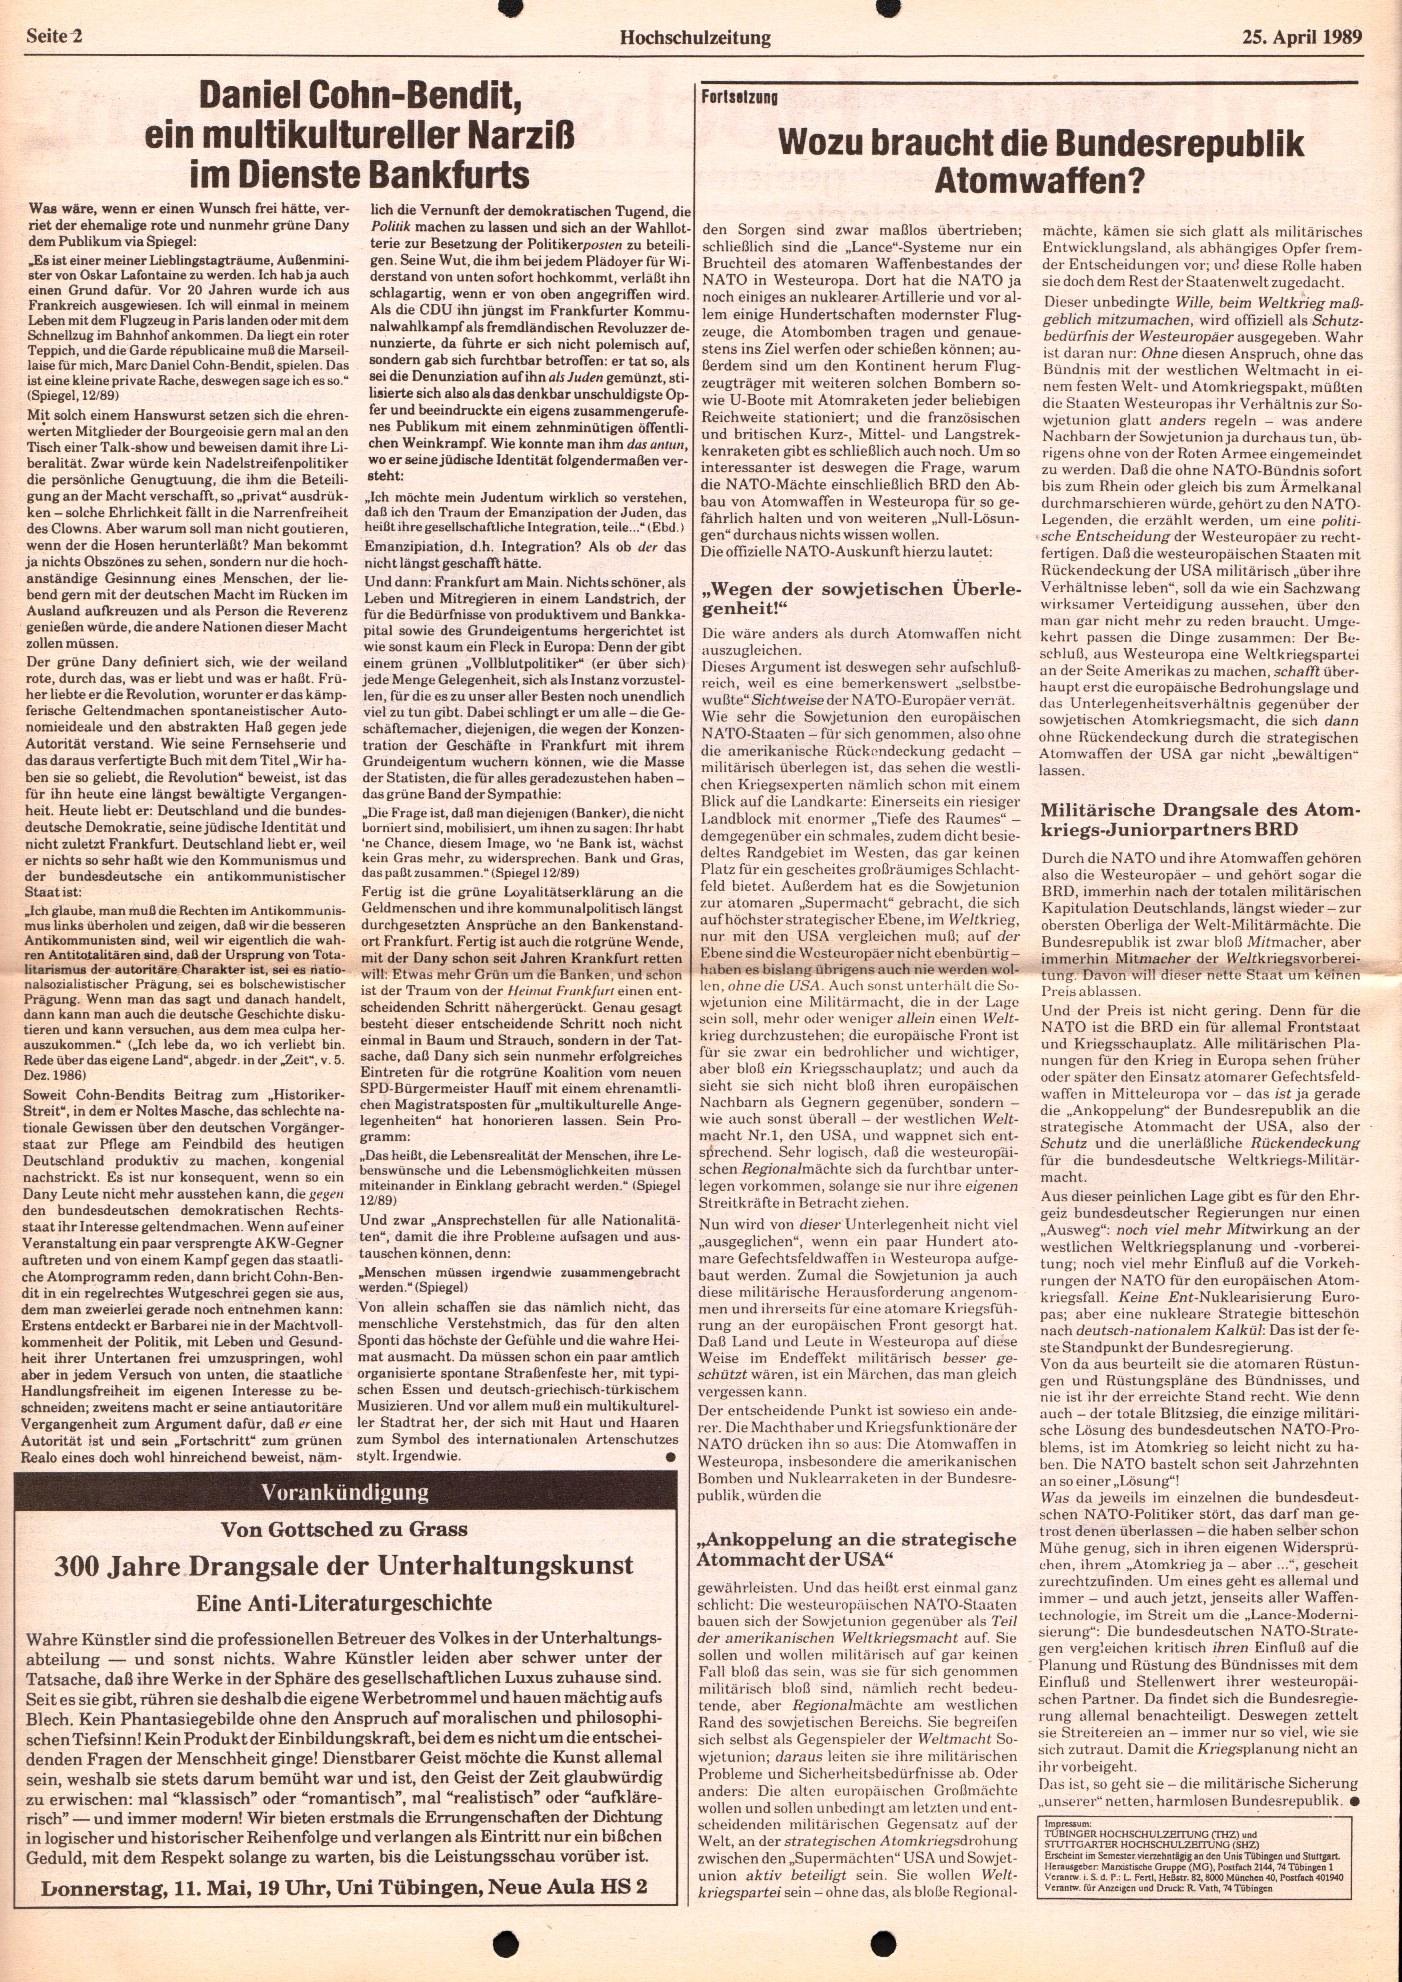 Tuebingen_MG_Hochschulzeitung_1989_05_02